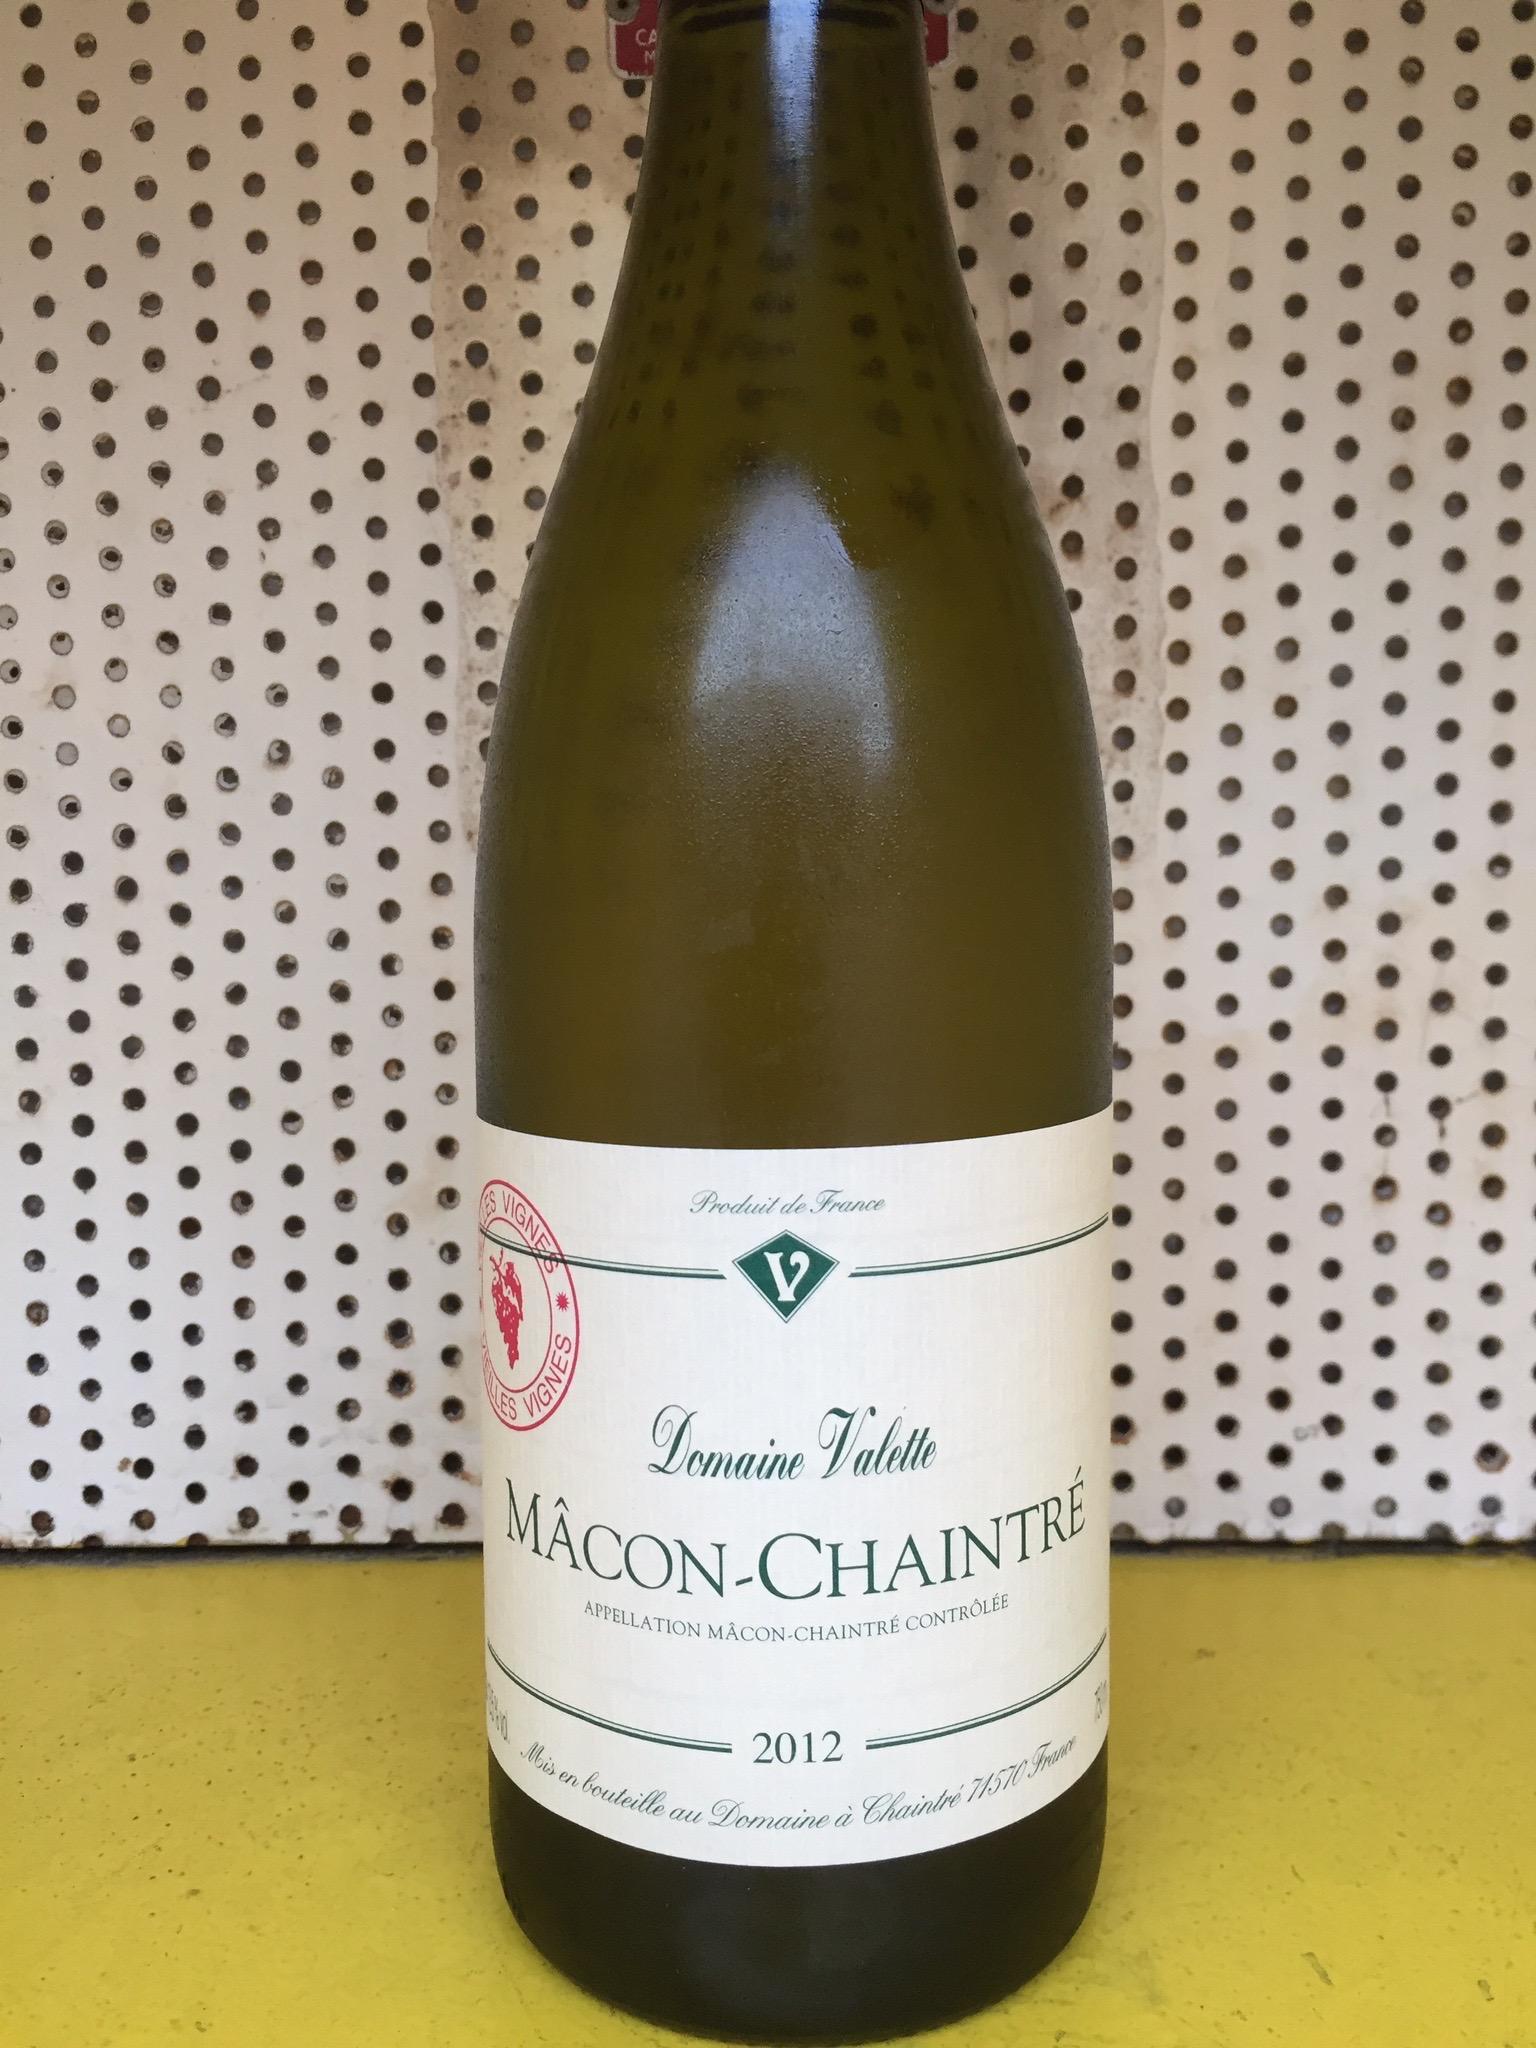 Bourgogne/ Valette/ Mâcon Chaintré